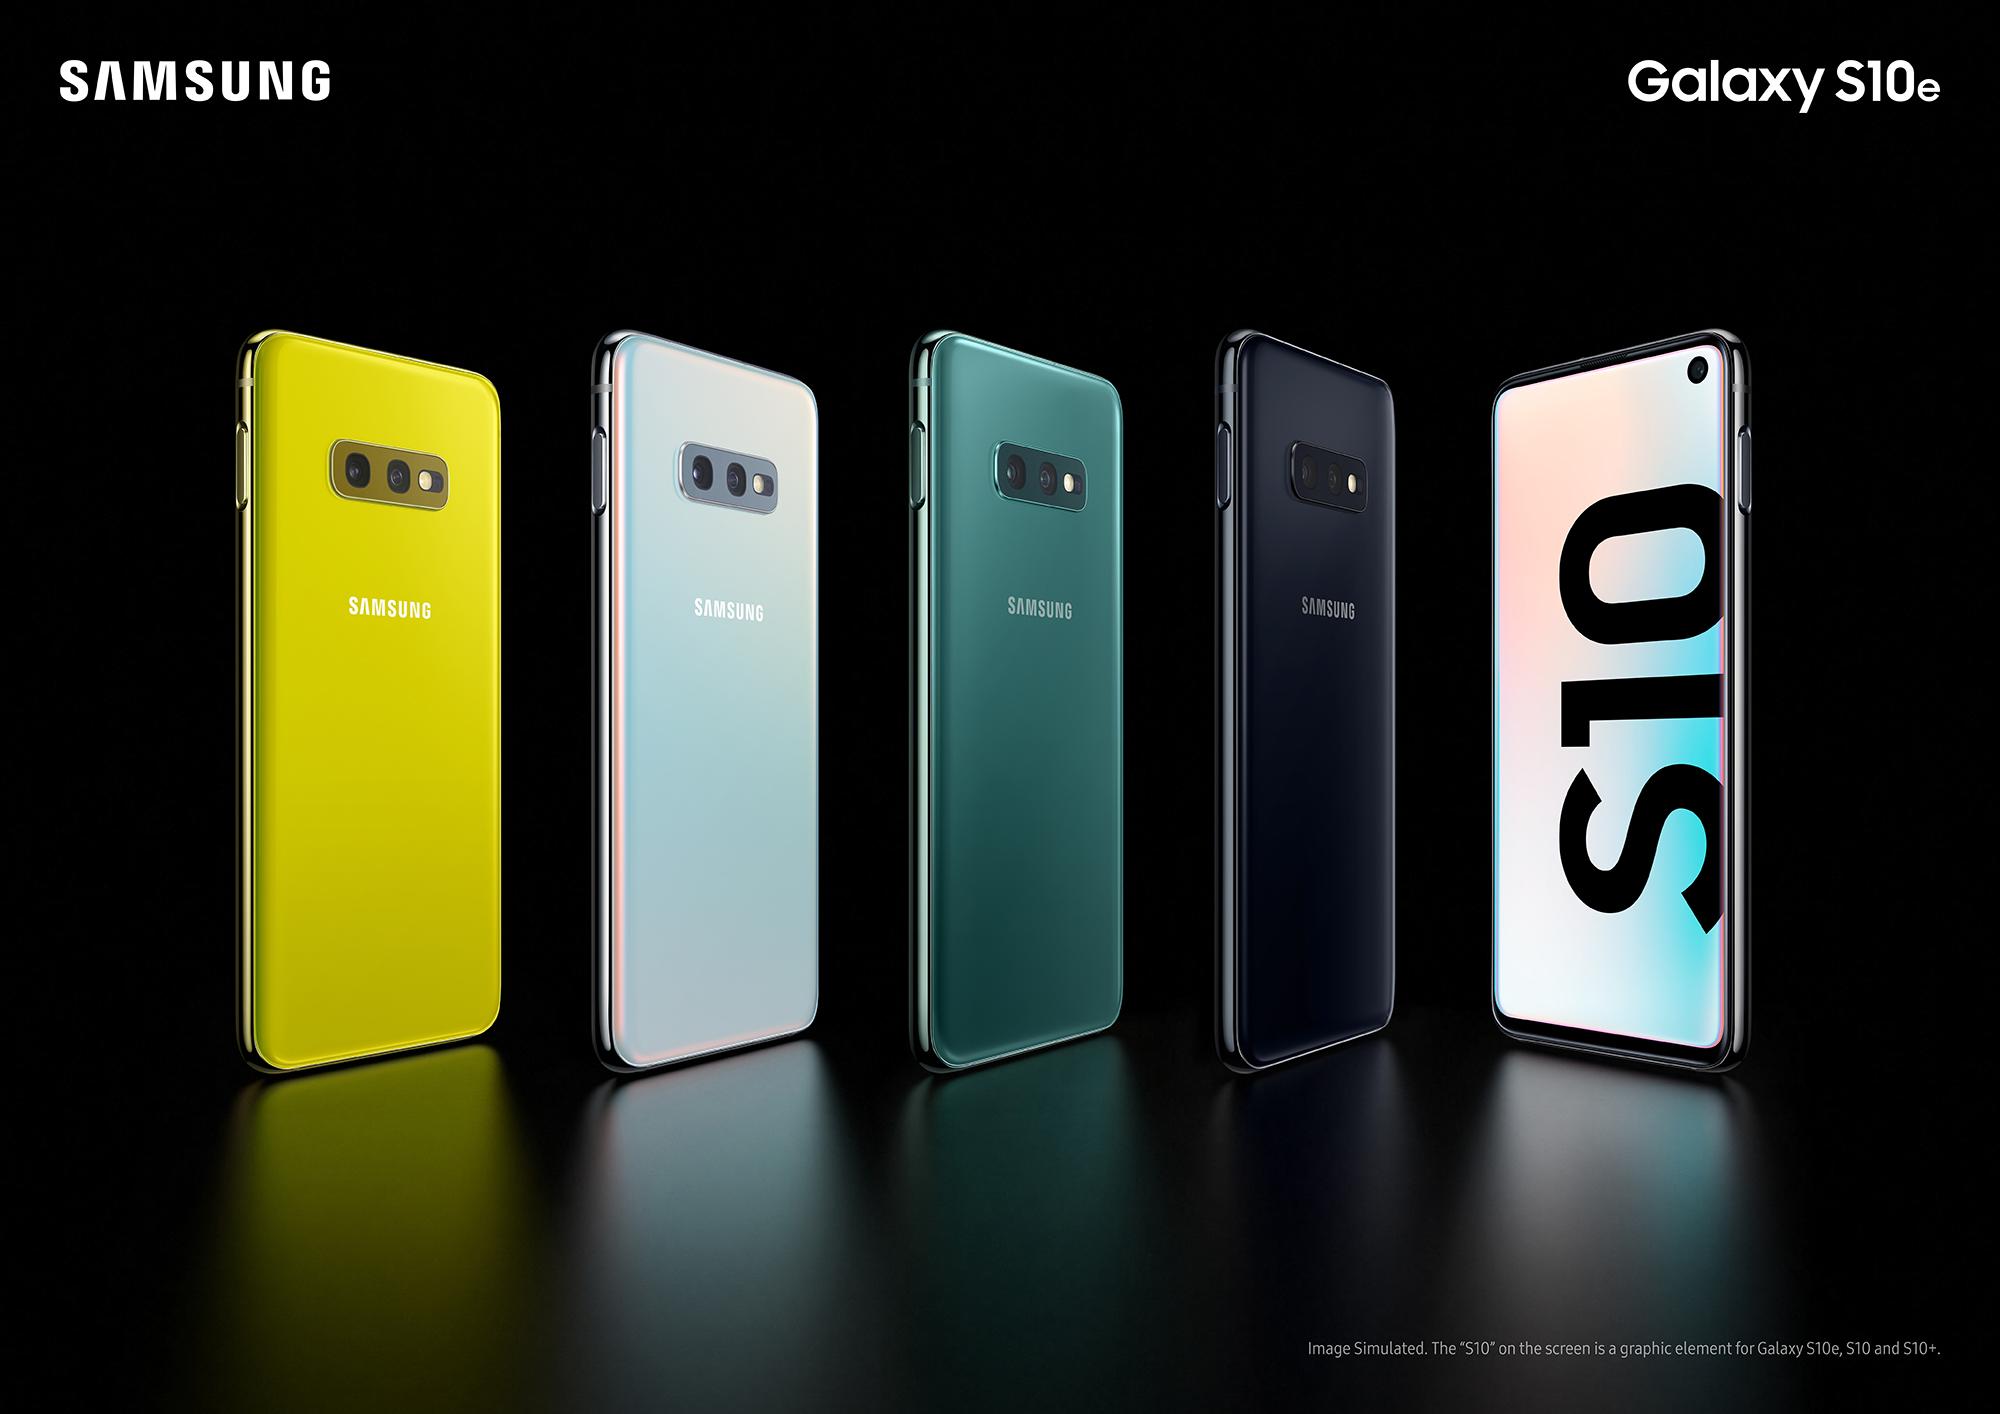 04_galaxys10e_KV_color_combo_2p_rgb.jpg